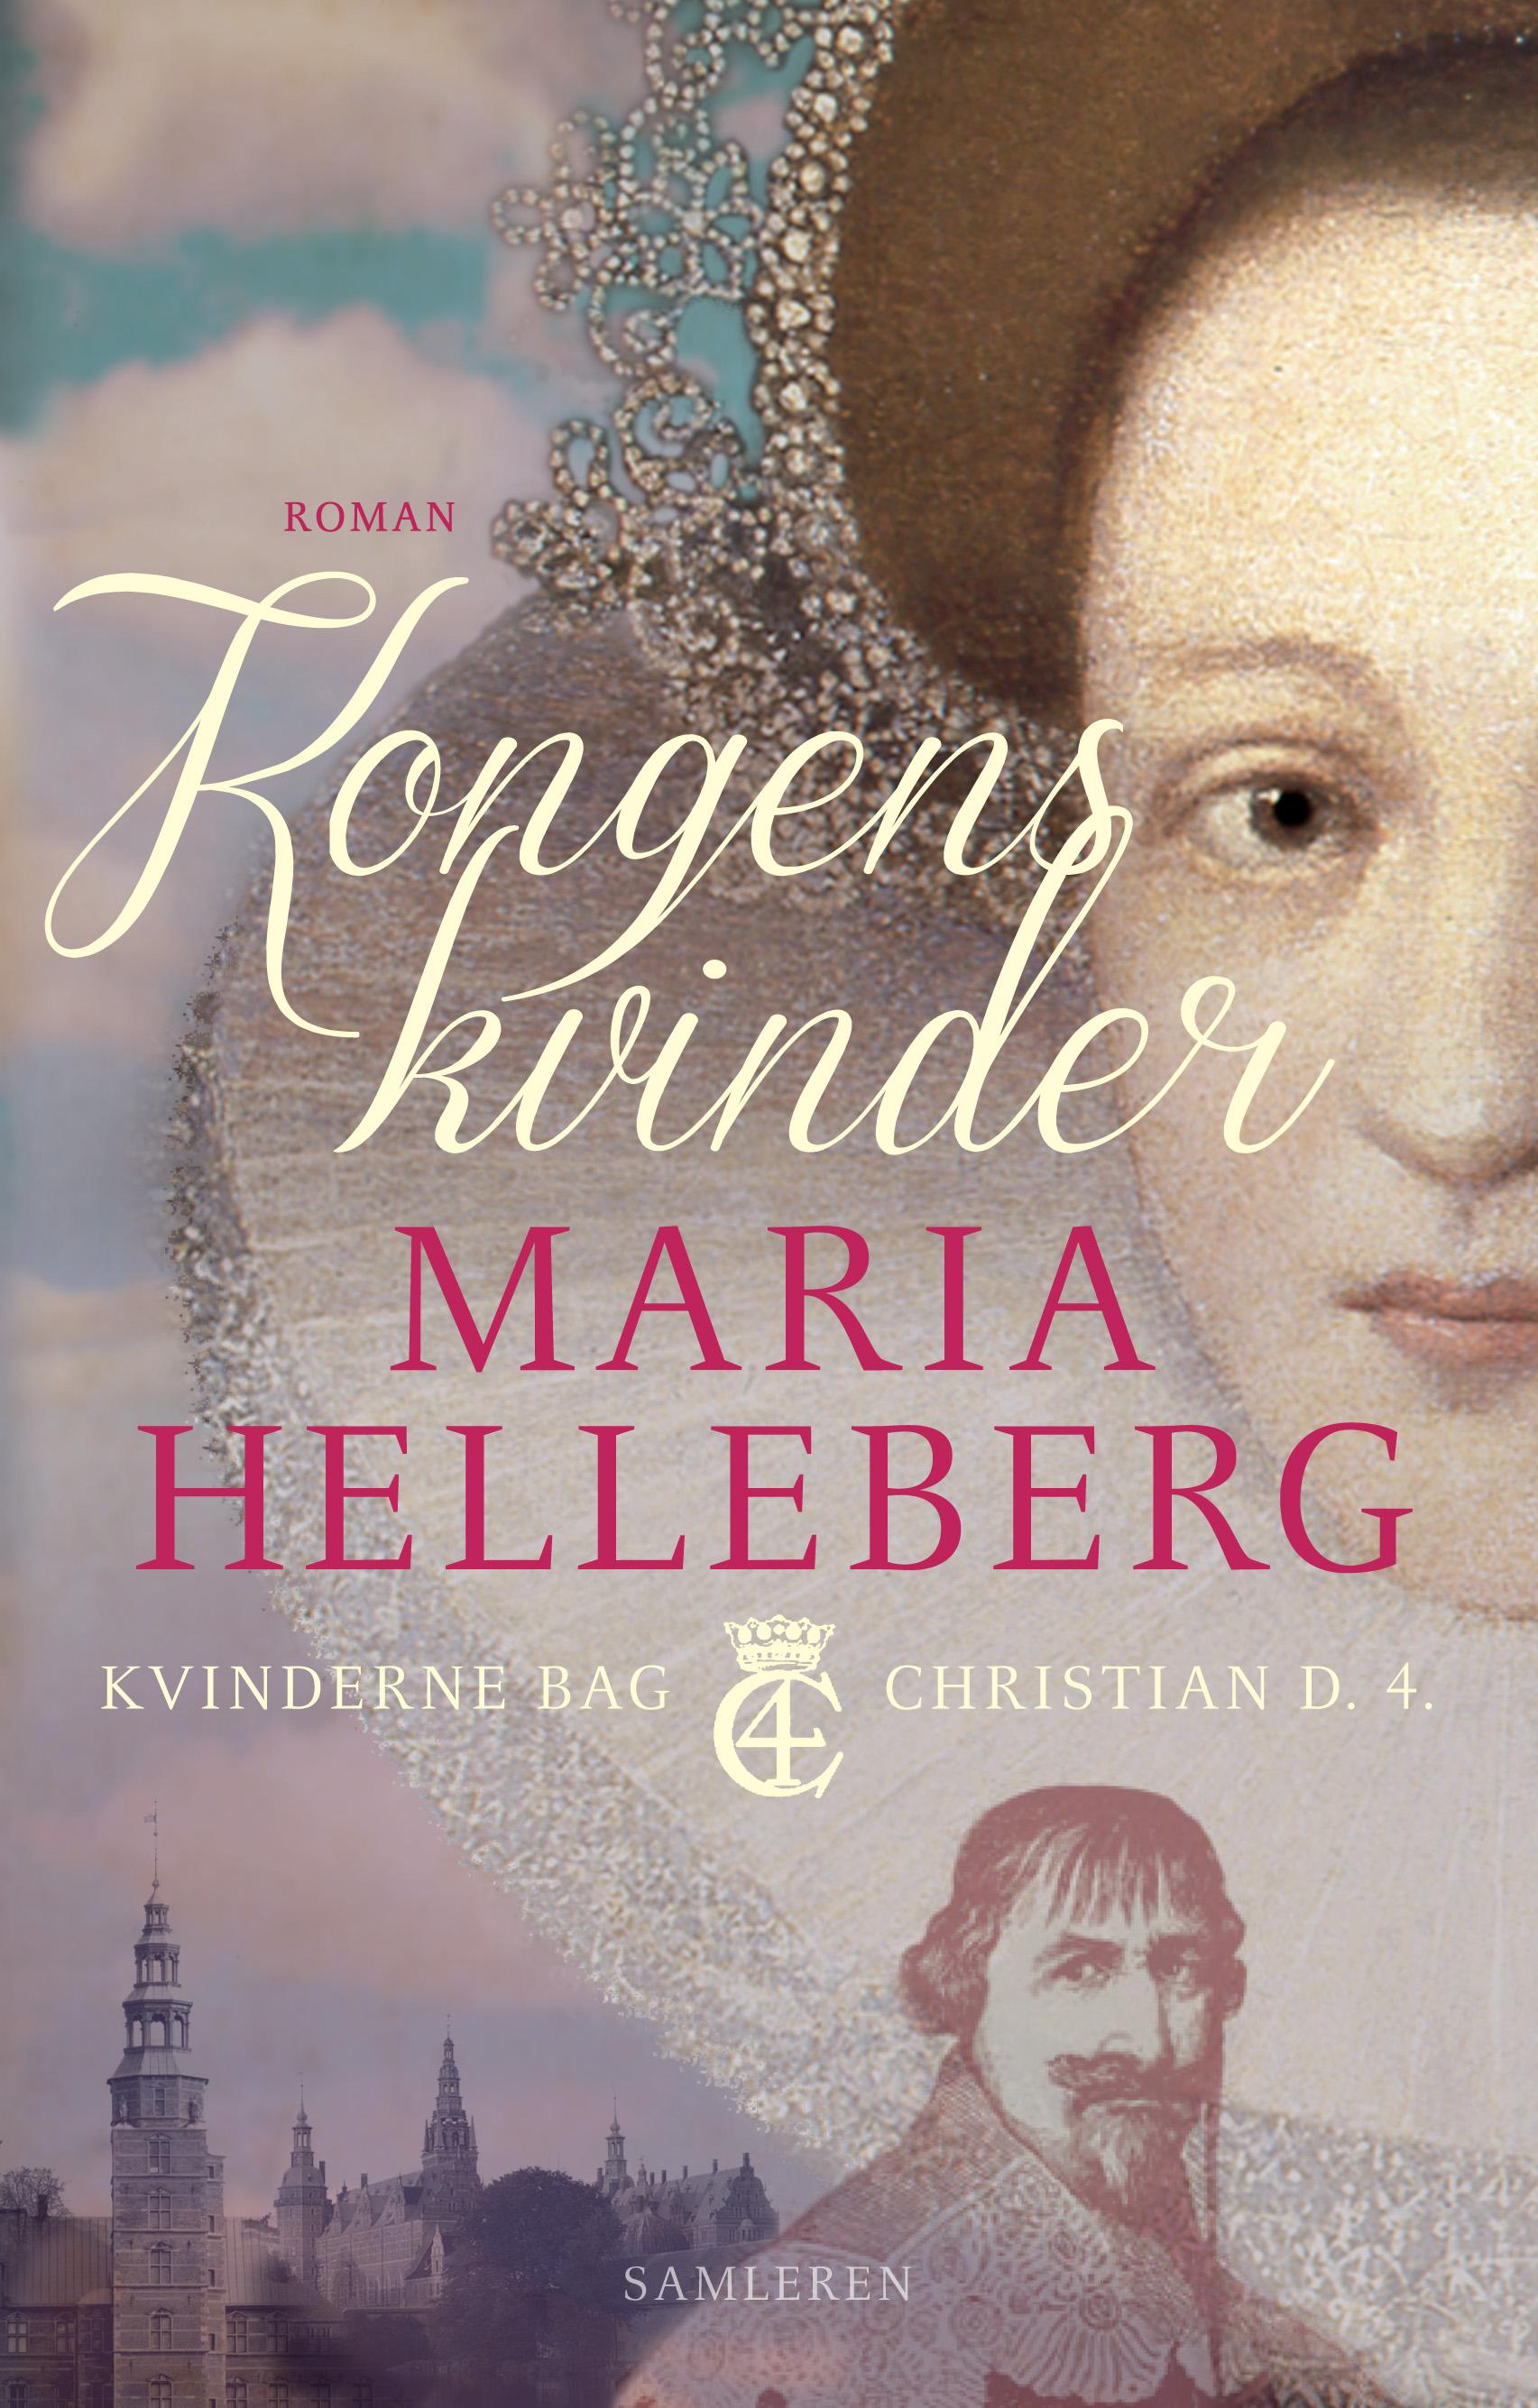 Helleberg_Chr4_KongensKvinder_FINAL.indd